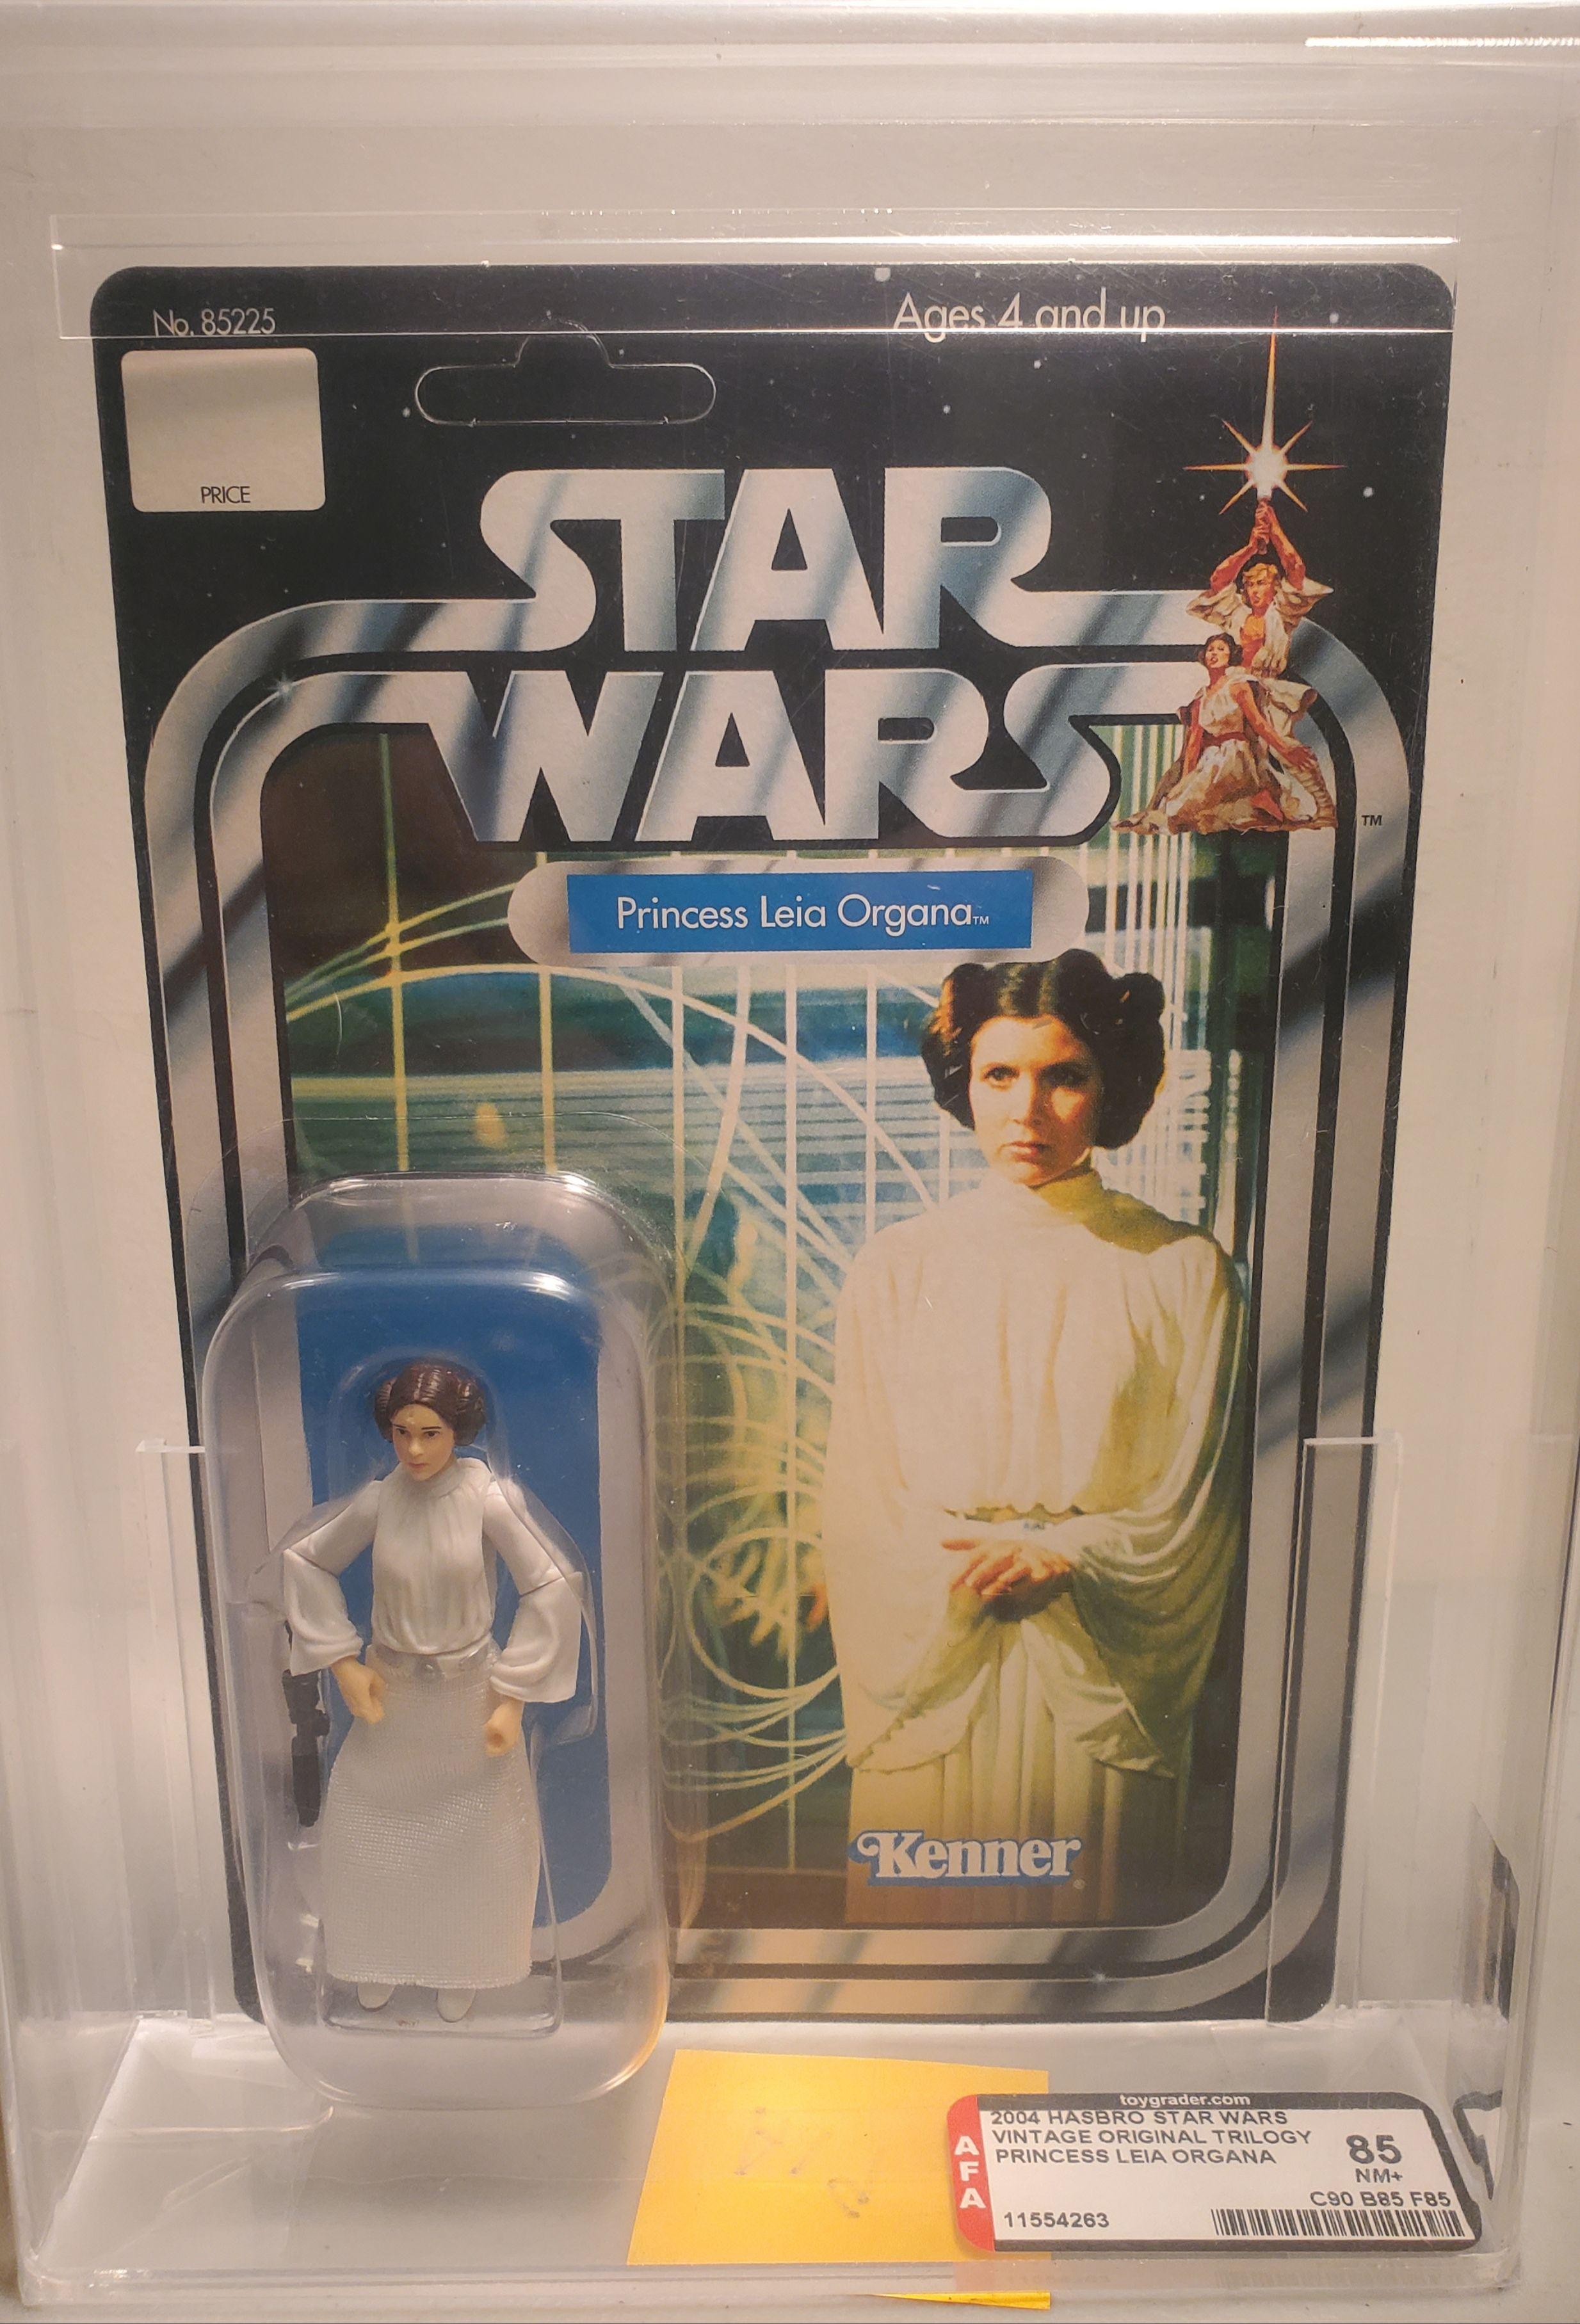 2004 Star Wars Original Trilogy Collection Princess Leia 85nm Afa Gr Valleygoto In 2020 Princess Leia Original Trilogy Leia